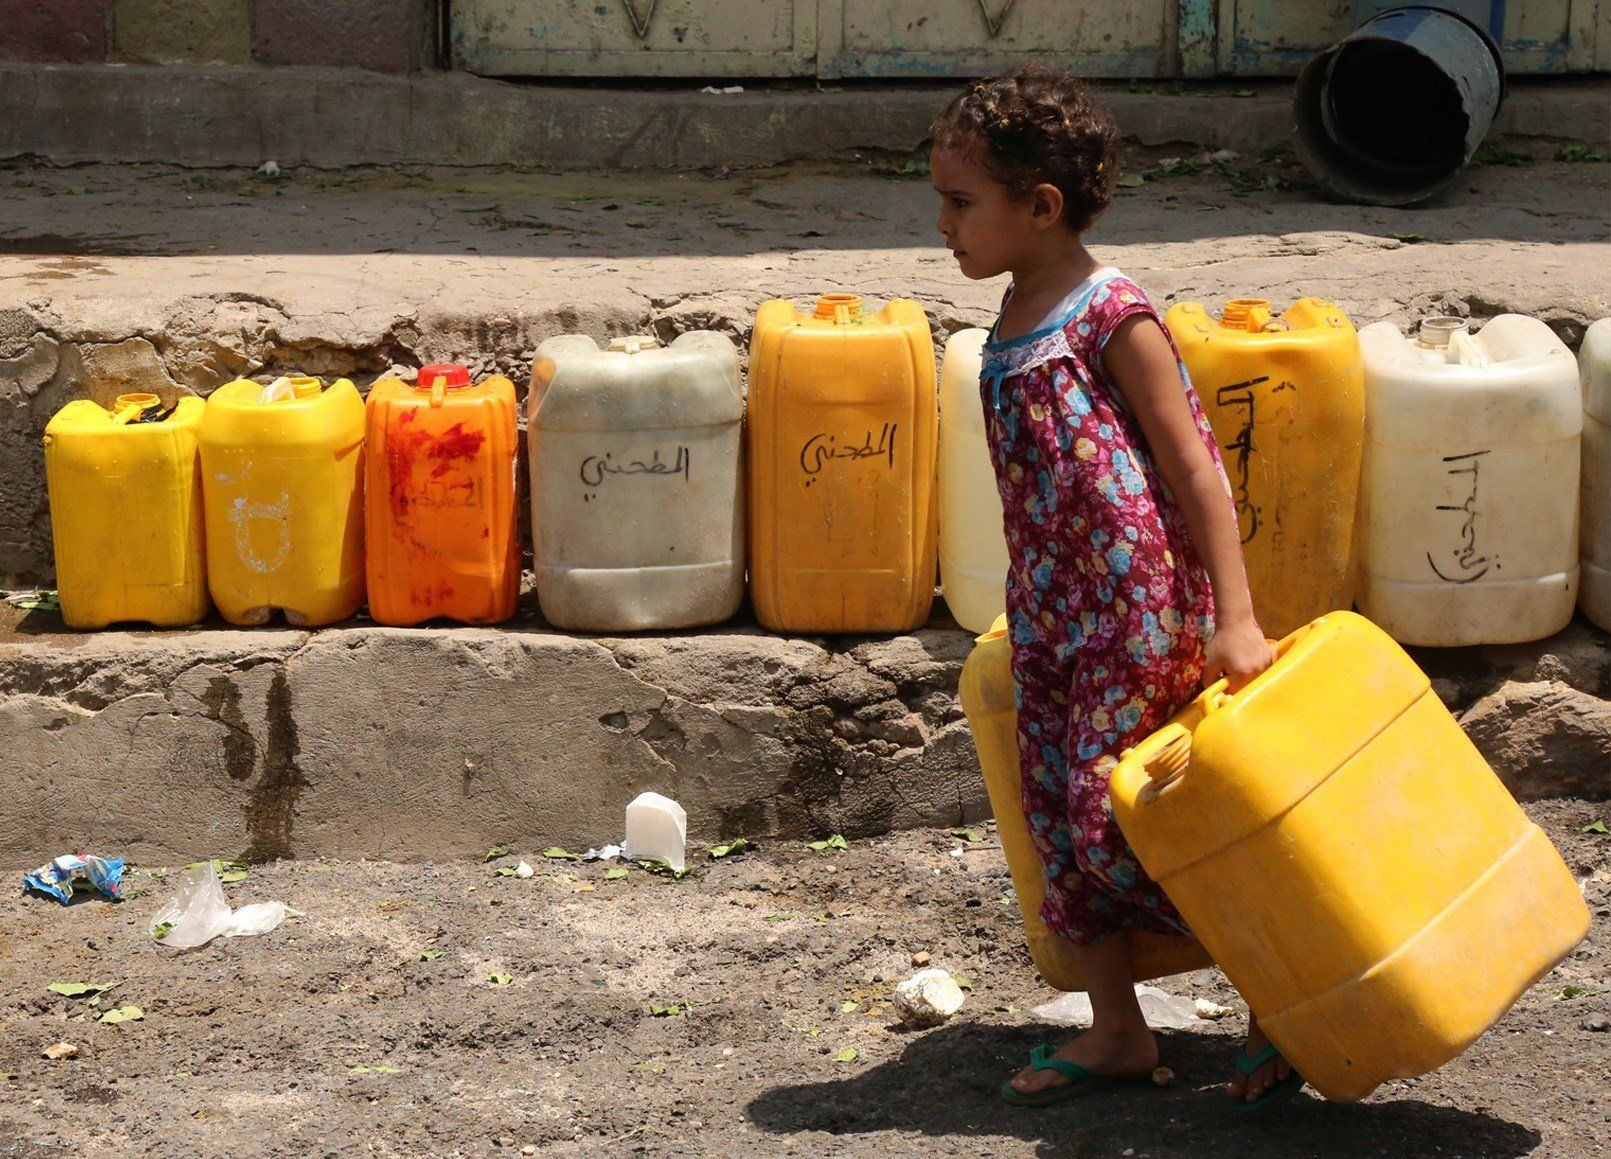 BLOG- Il est temps de se concentrer sur la gestion de l'eau dans le monde arabe comme source de croissance et de